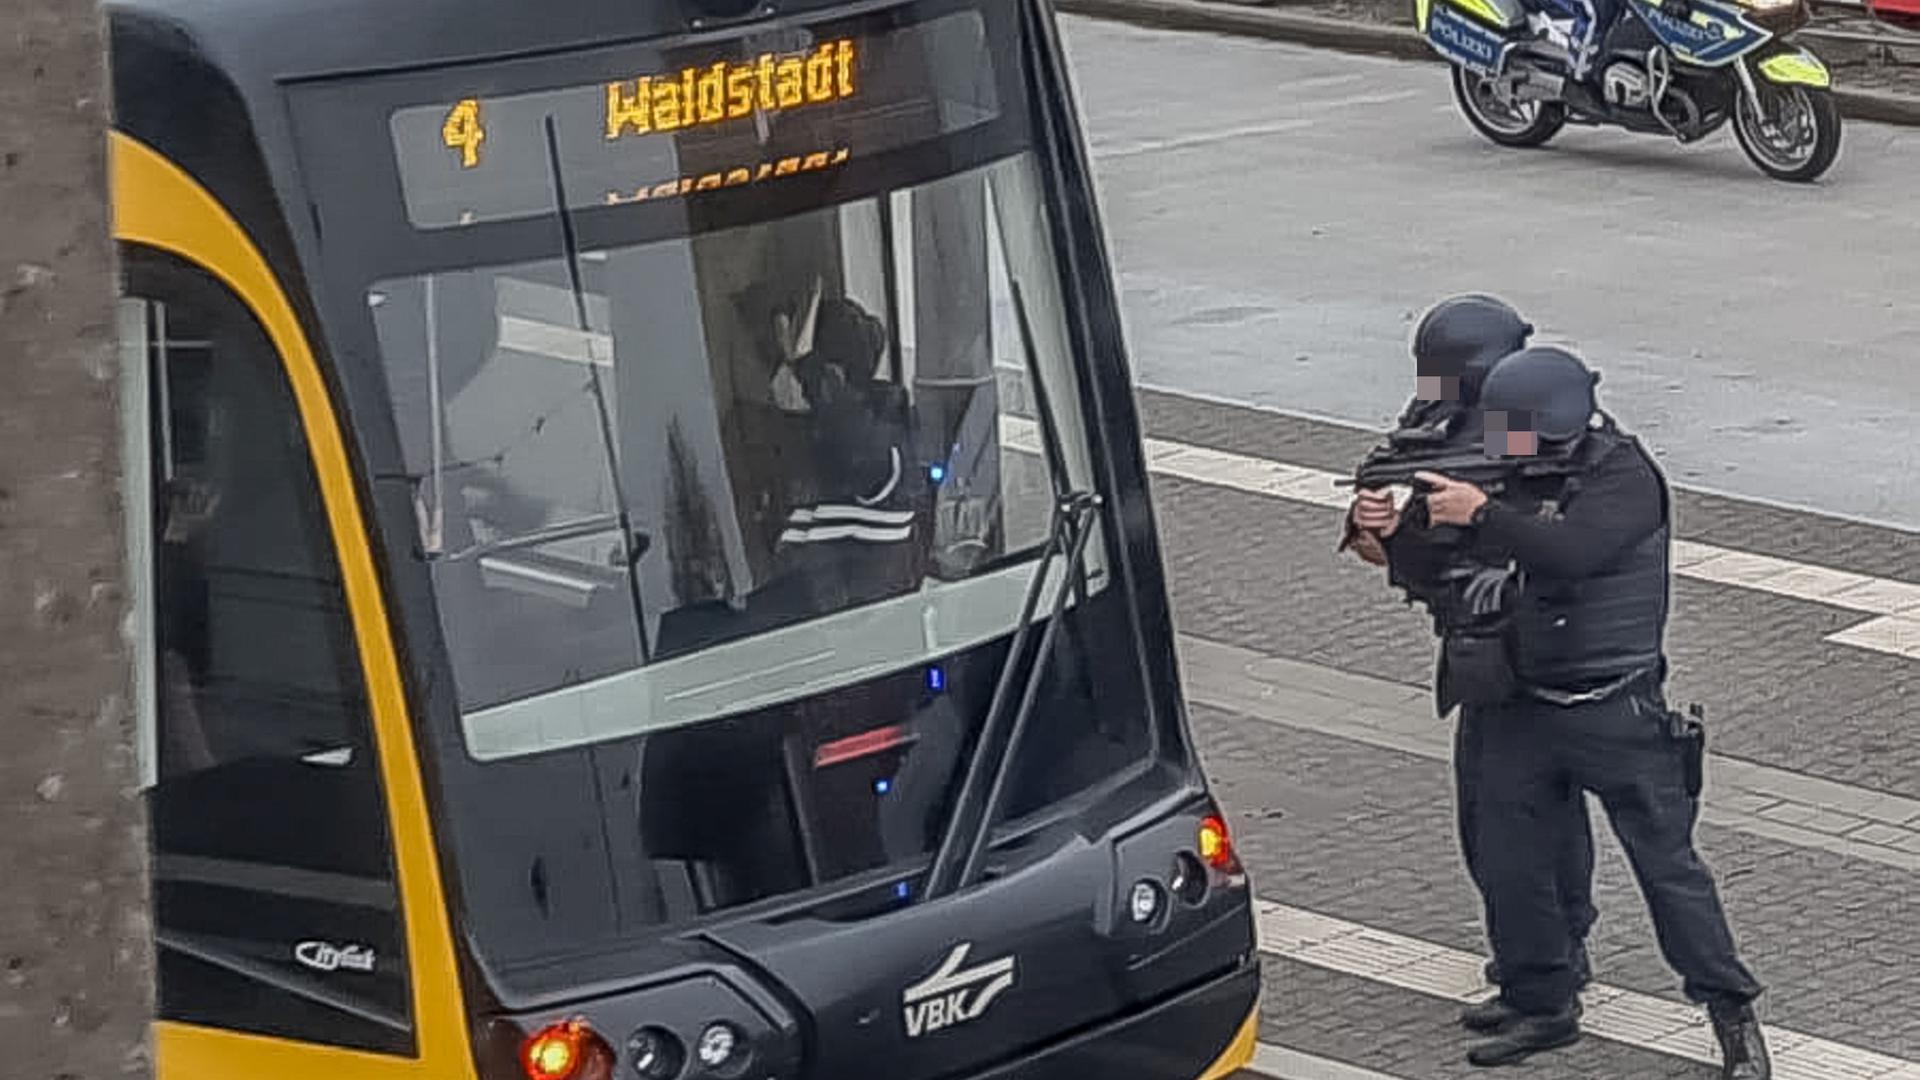 Zwei Polizisten stellen eine Person, die in einer Straßenbahn steht.